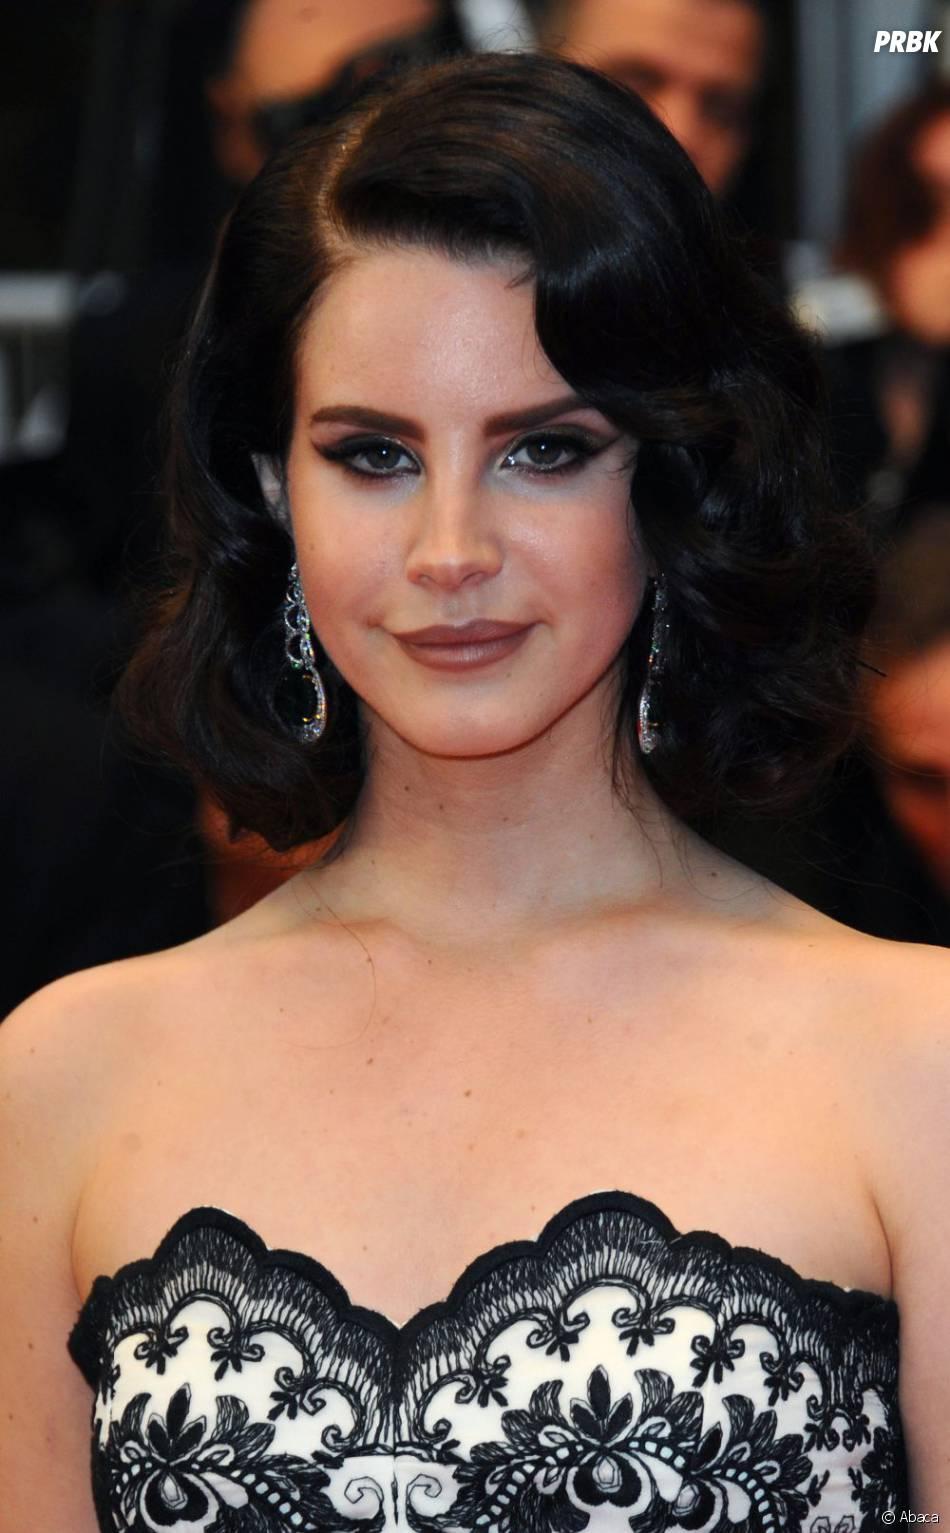 Lana Del Rey au festival de Cannes 2013